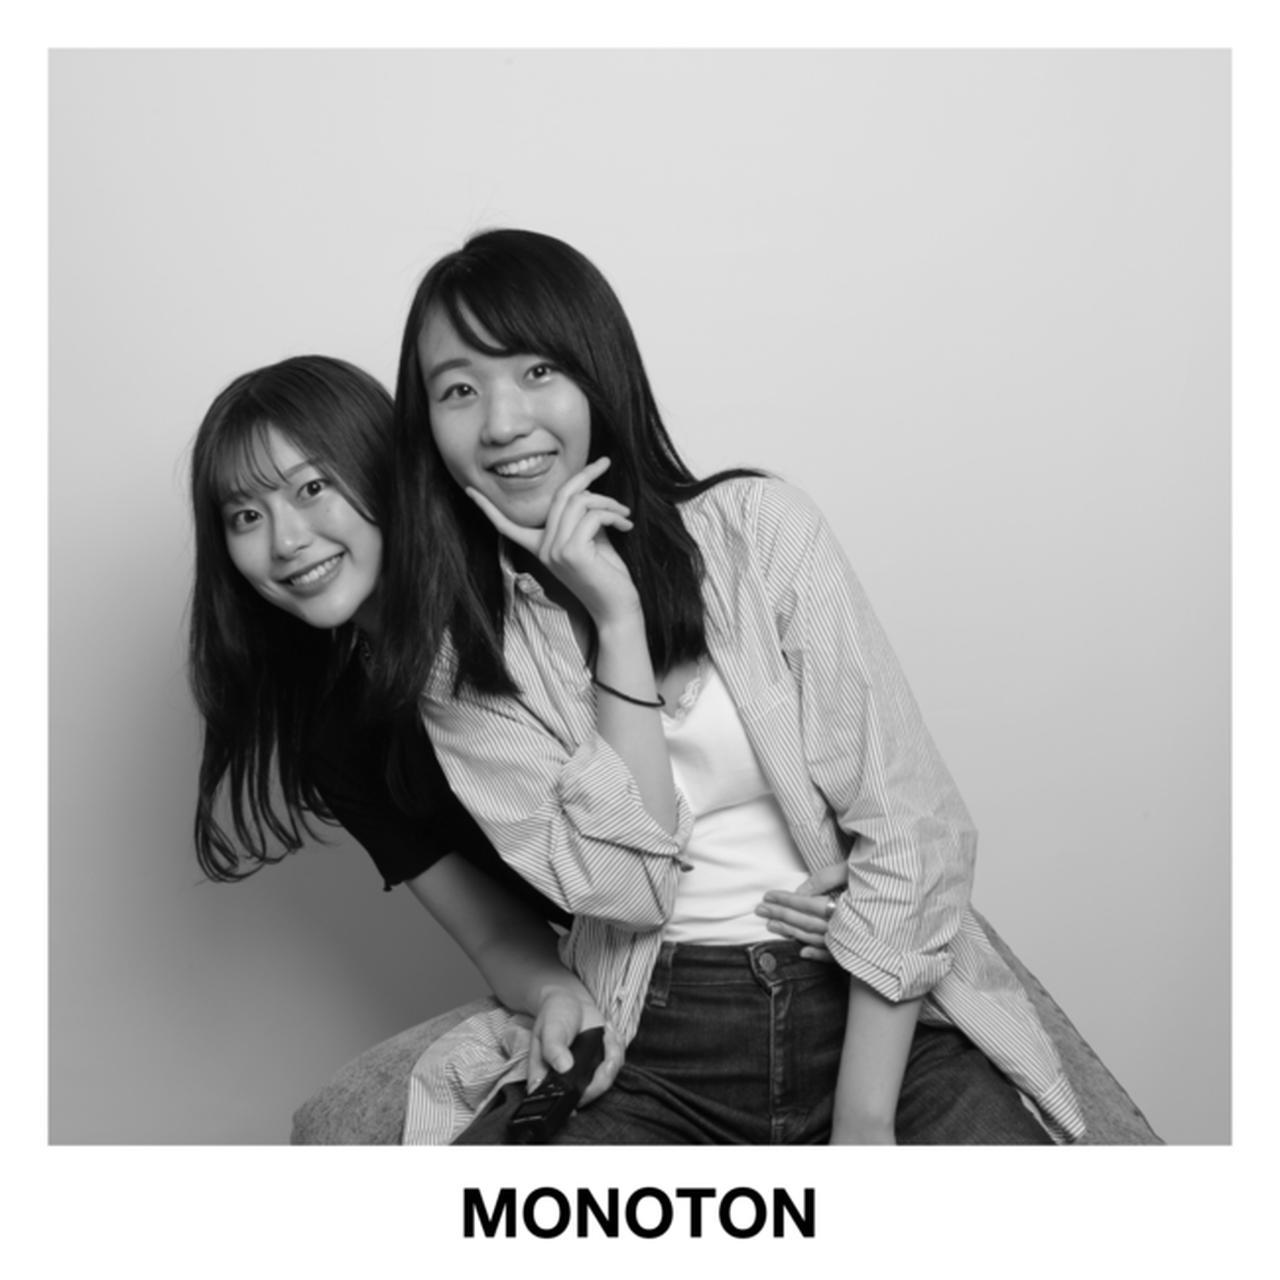 """画像1: 韓国で大流行!自分らしさを映し出すSNSで話題の""""モノクロセルフ写真館""""「MONOTON(モノトン)」が表参道にオープン!"""